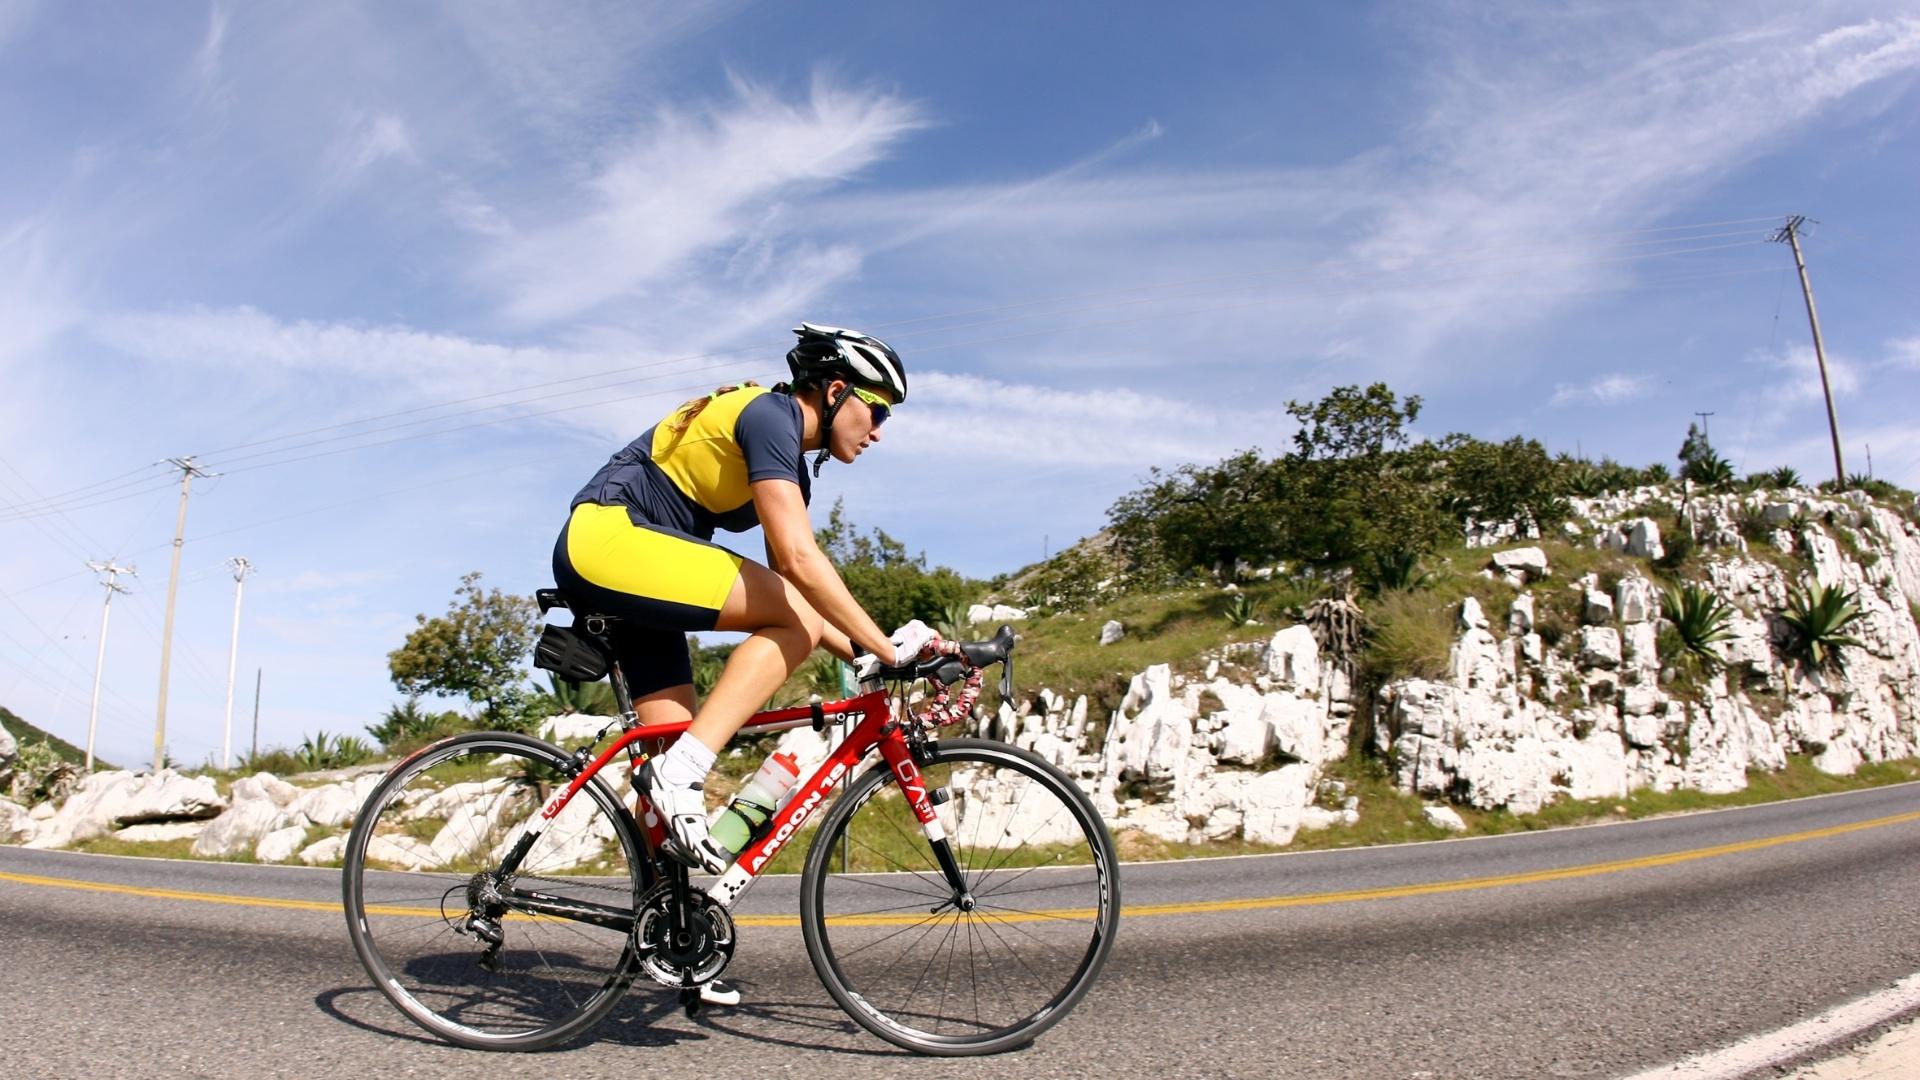 A triatleta Pâmela Oliveira está em San Luis Potosi com o restante da equipe de triatlo em fase de aclimatação para os Jogos Pan-Americanos de Guadalajara